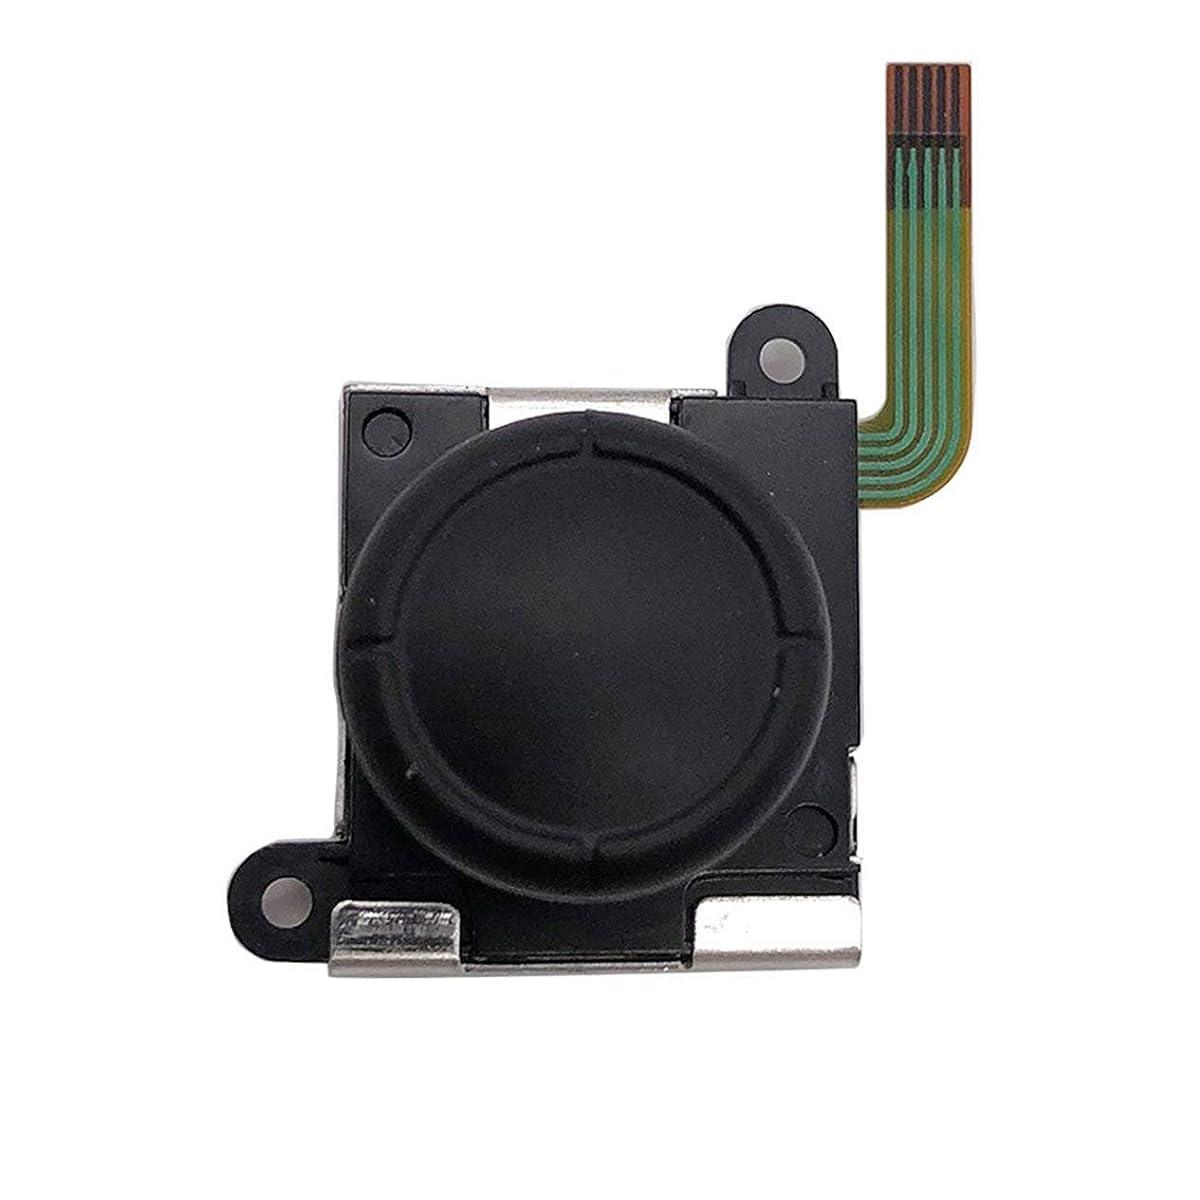 千単語毒性プロフェッショナルアナログスティック3Dボタンジョイスティック修理部品Nintendスイッチジョイコンコントローラー用アナログジョイスティックボタン